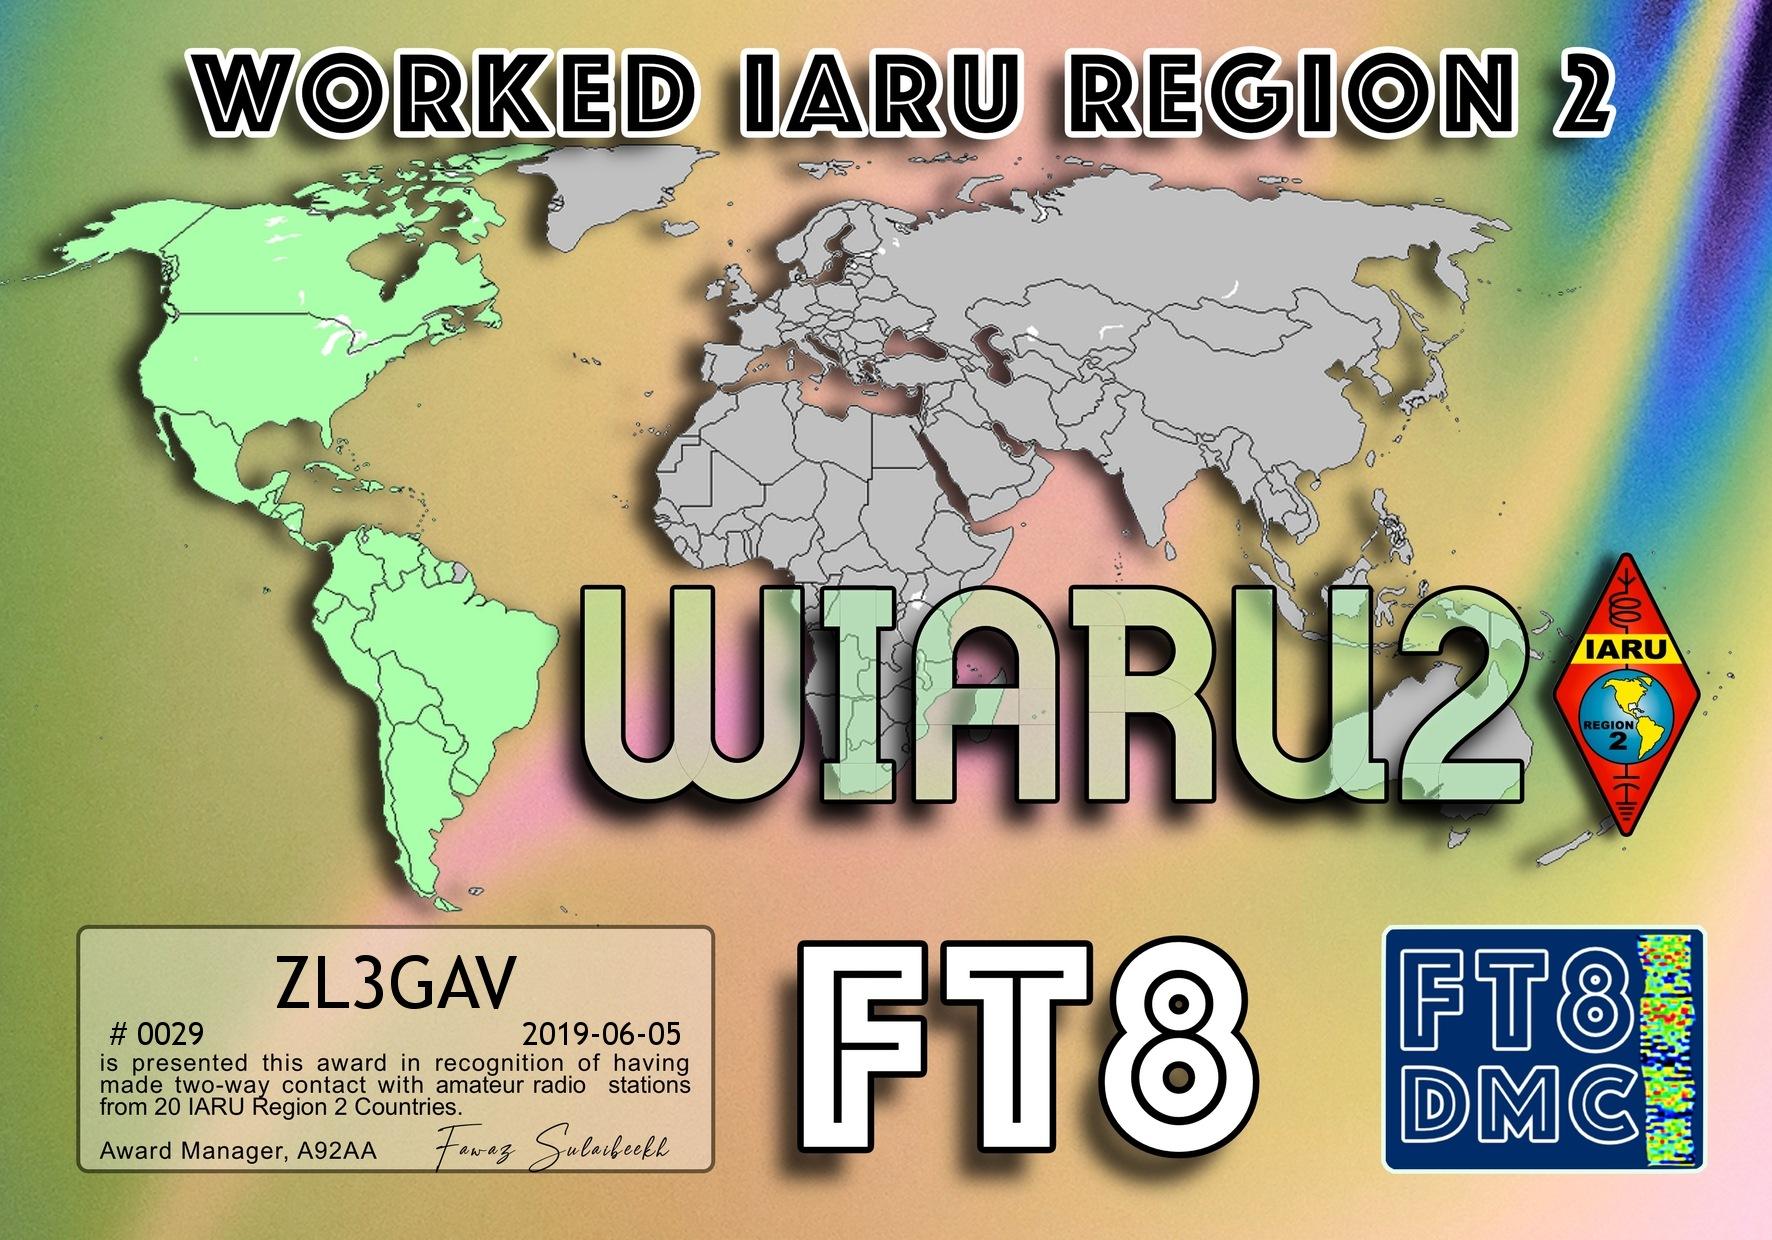 ZL3GAV-WIARU2-WIARU2.jpg